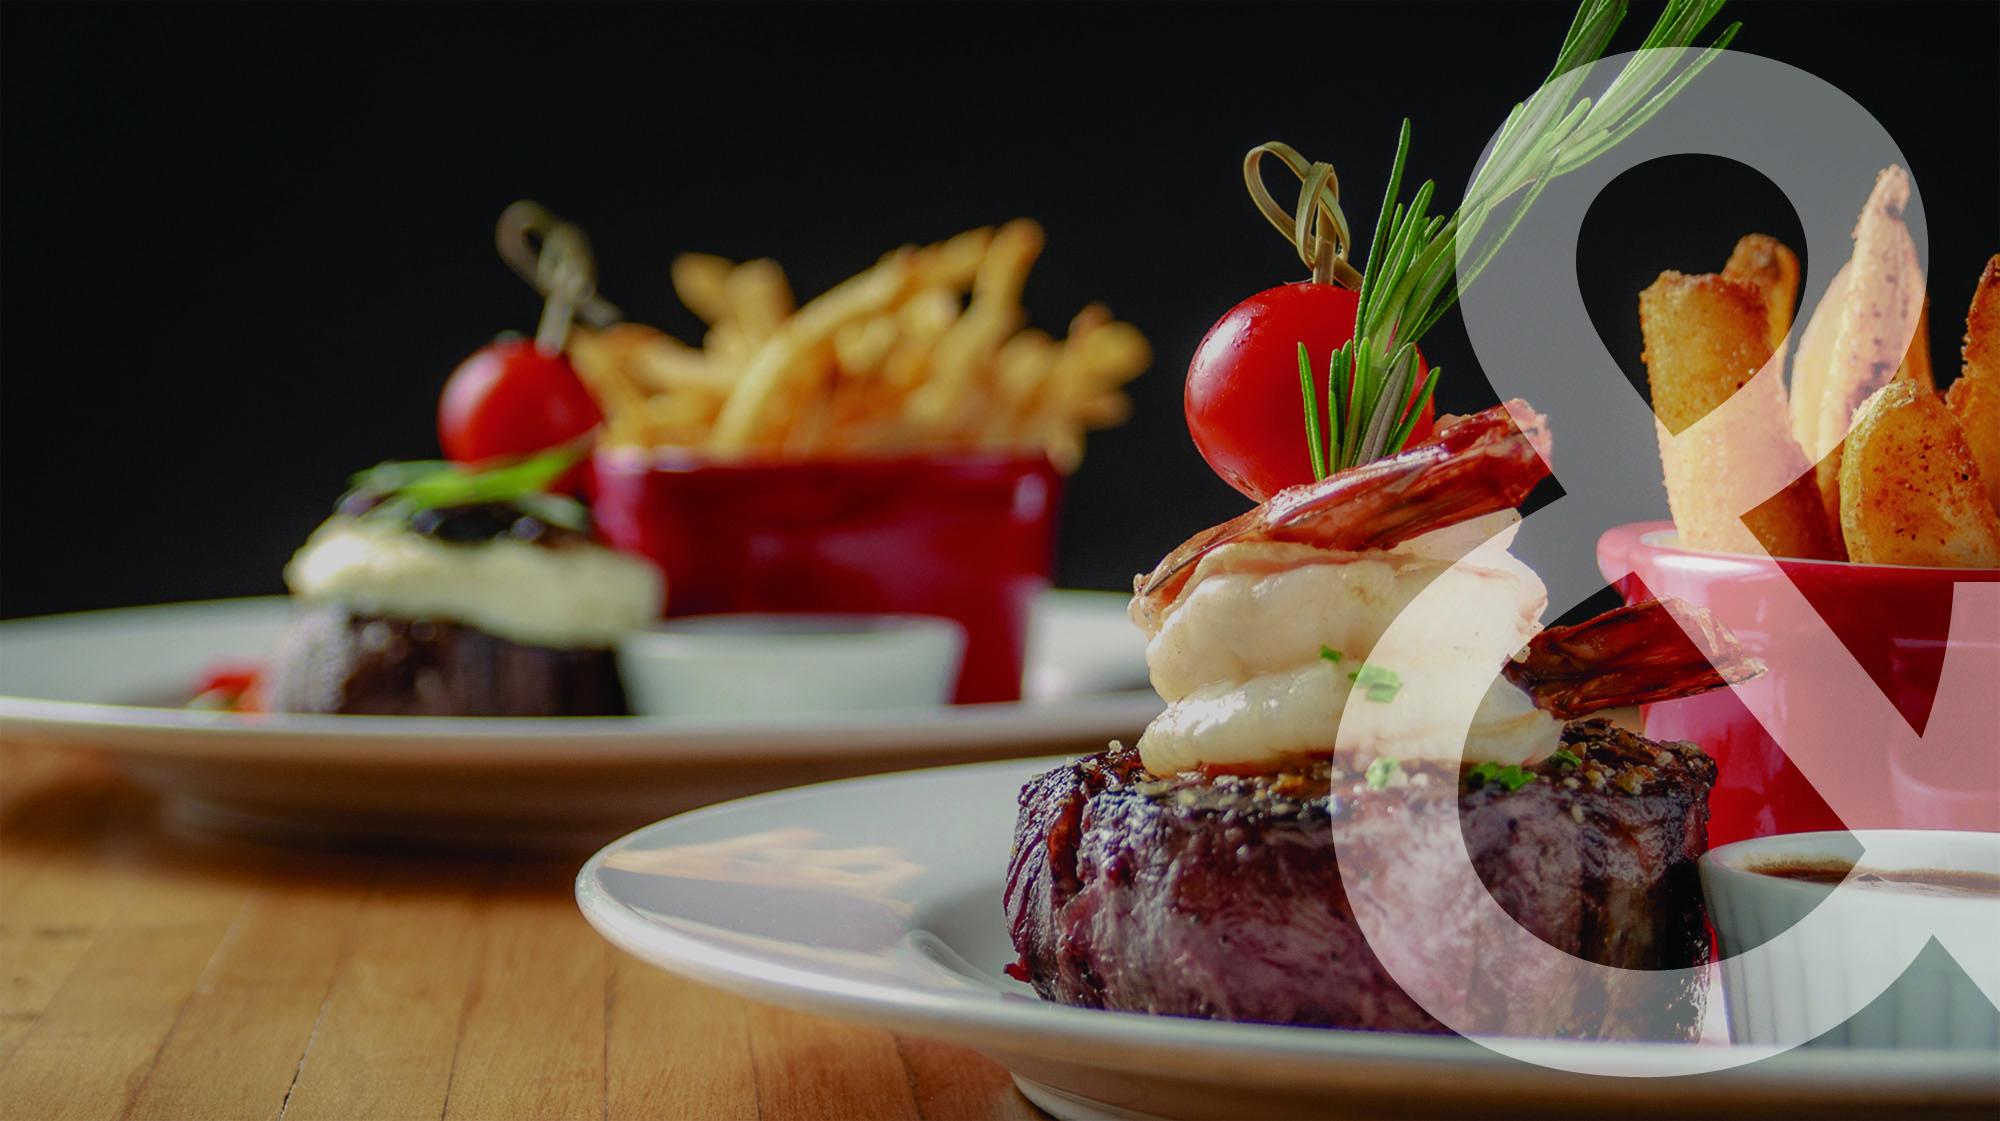 Restaurant La Broue dans l'Toupet-Sainte-Anne-des-Monts